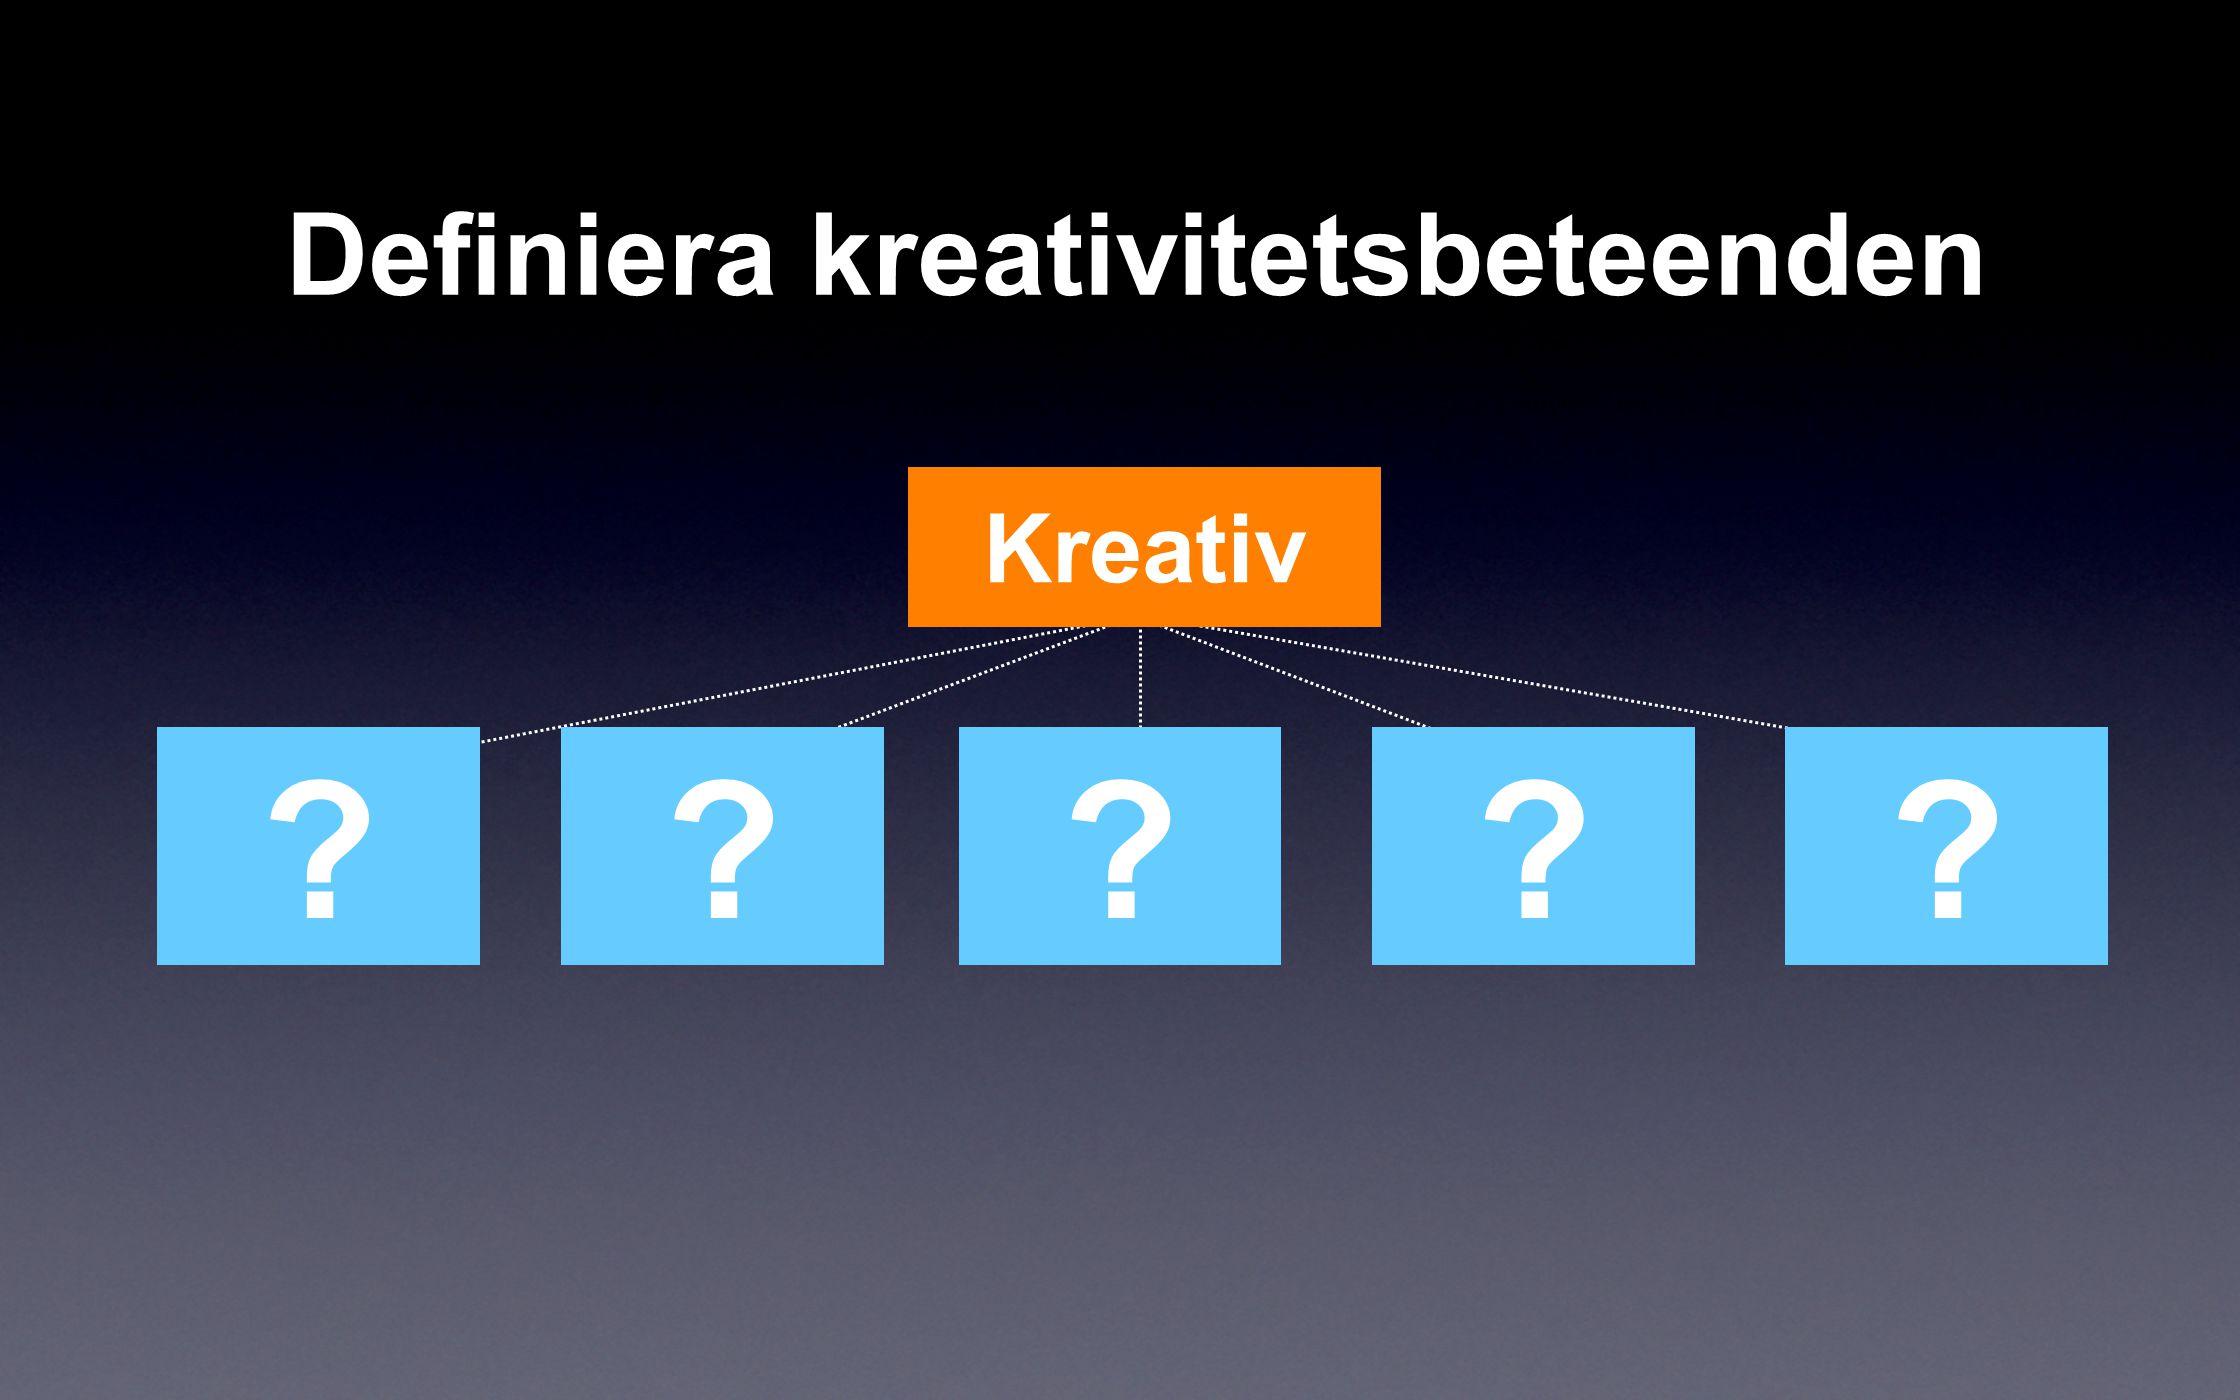 ????? Kreativ Definiera kreativitetsbeteenden